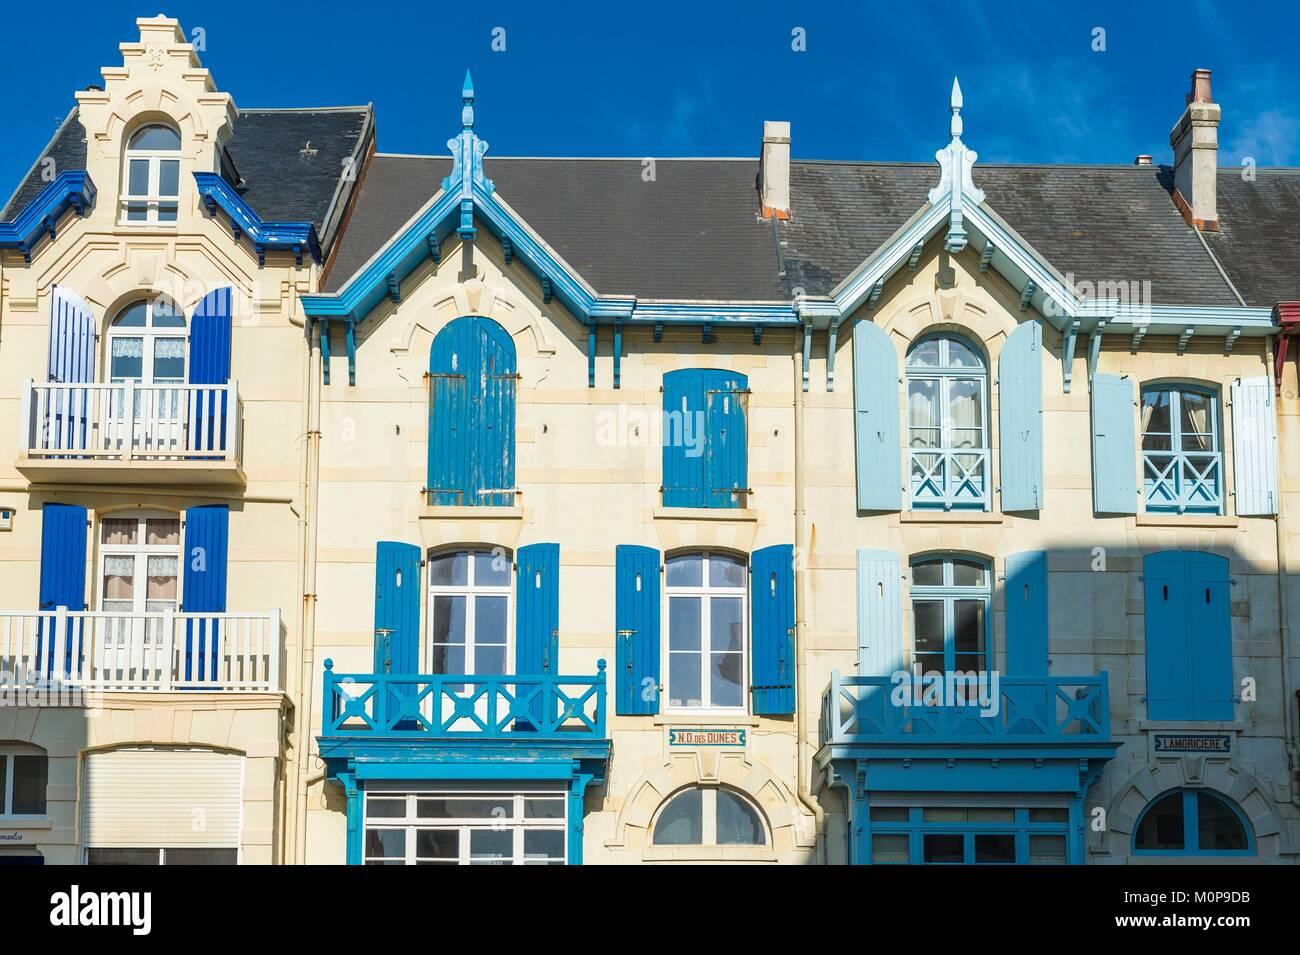 France,Pas-de-Calais,Wimereux,seaside resort on the Opale Coast,Belle Epoque villas - Stock Image